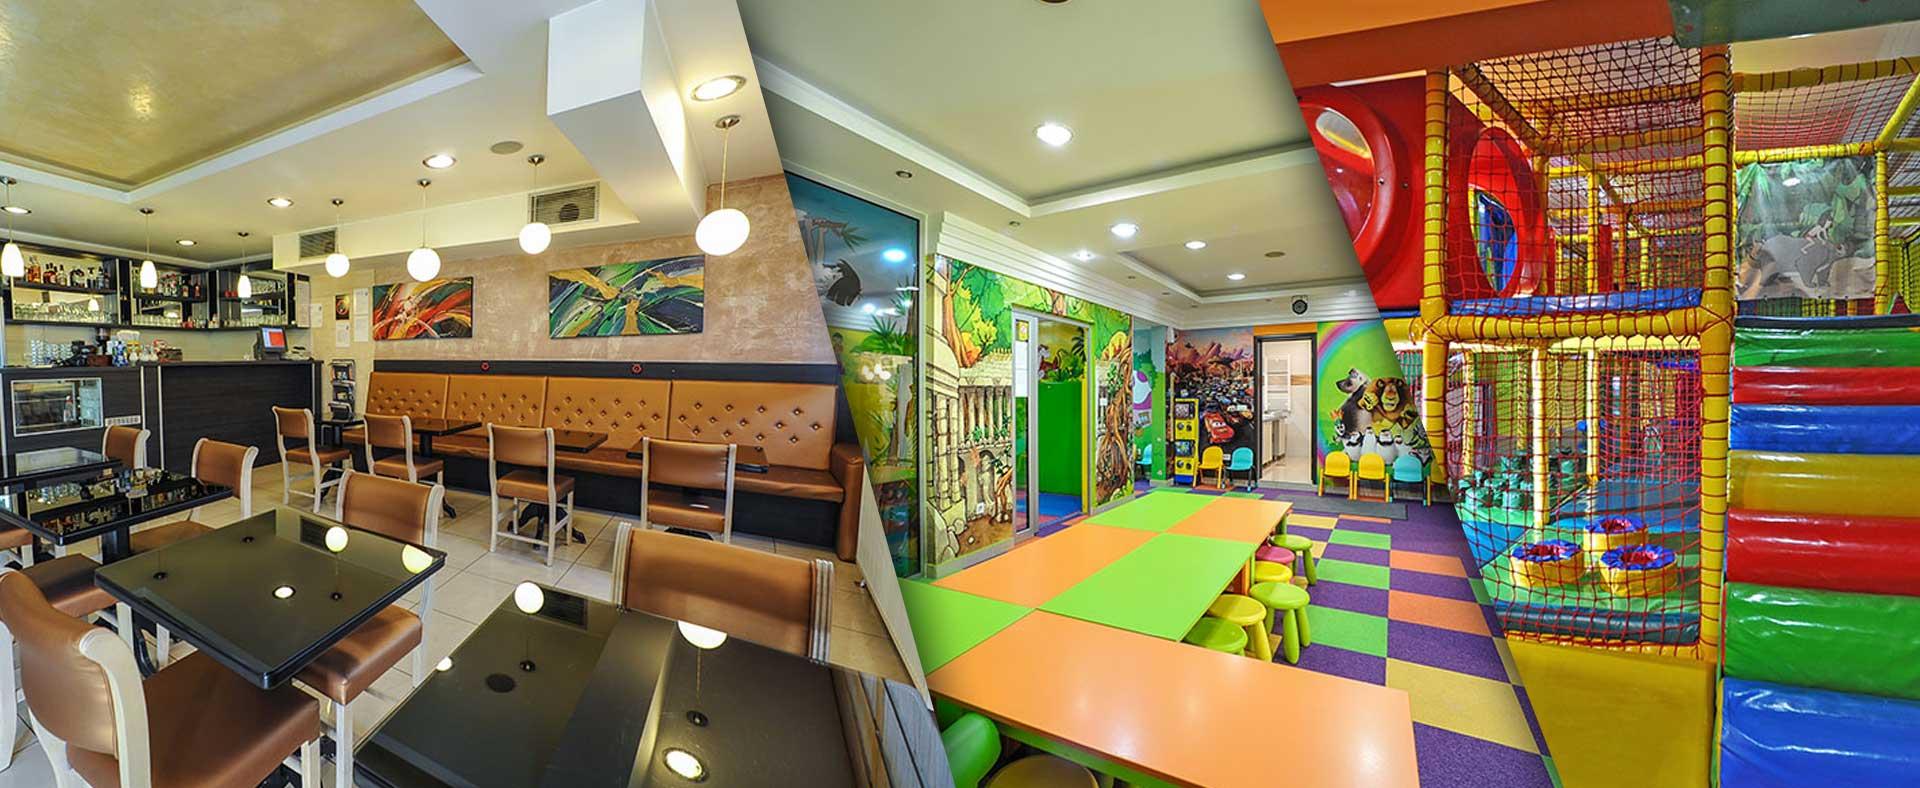 mapa zarkovo beograd Baloo Igraonica i Diskoteka dečija igraonica, Žarkovo, Čukarica  mapa zarkovo beograd